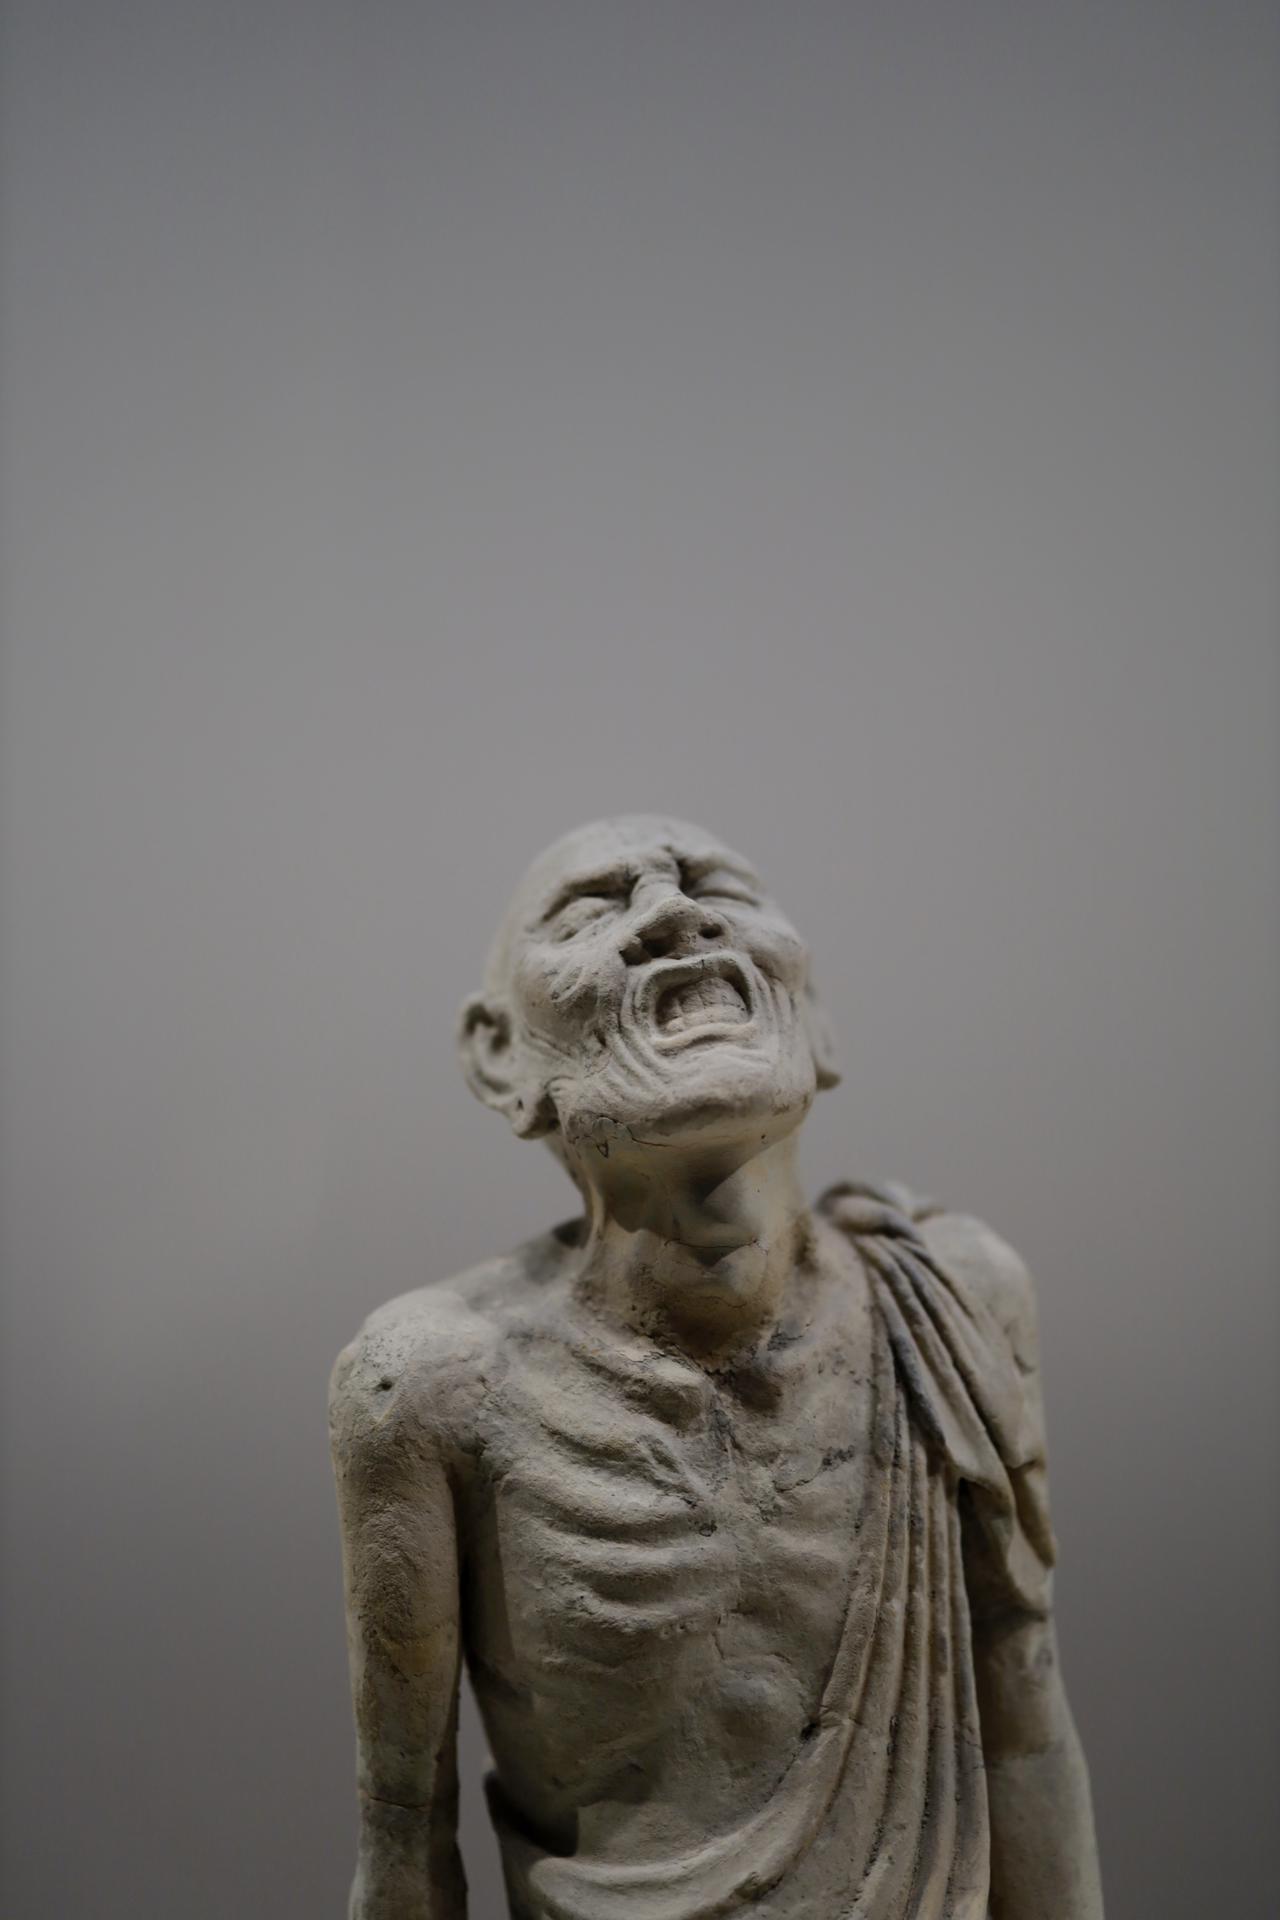 画像: 法隆寺五重塔・塔本塑像群 北面・涅槃図より 羅漢坐像 奈良時代 和銅4(711)年 奈良・法隆寺 国宝 法隆寺の五重塔の初層の四面にはそれぞれに、釈尊の生涯の場面や仏教説話が塑像群で再現されている。この像はなかでも最高傑作とされる釈迦の臨終を描く涅槃で、嘆き悲しむ釈迦の弟子の1人。